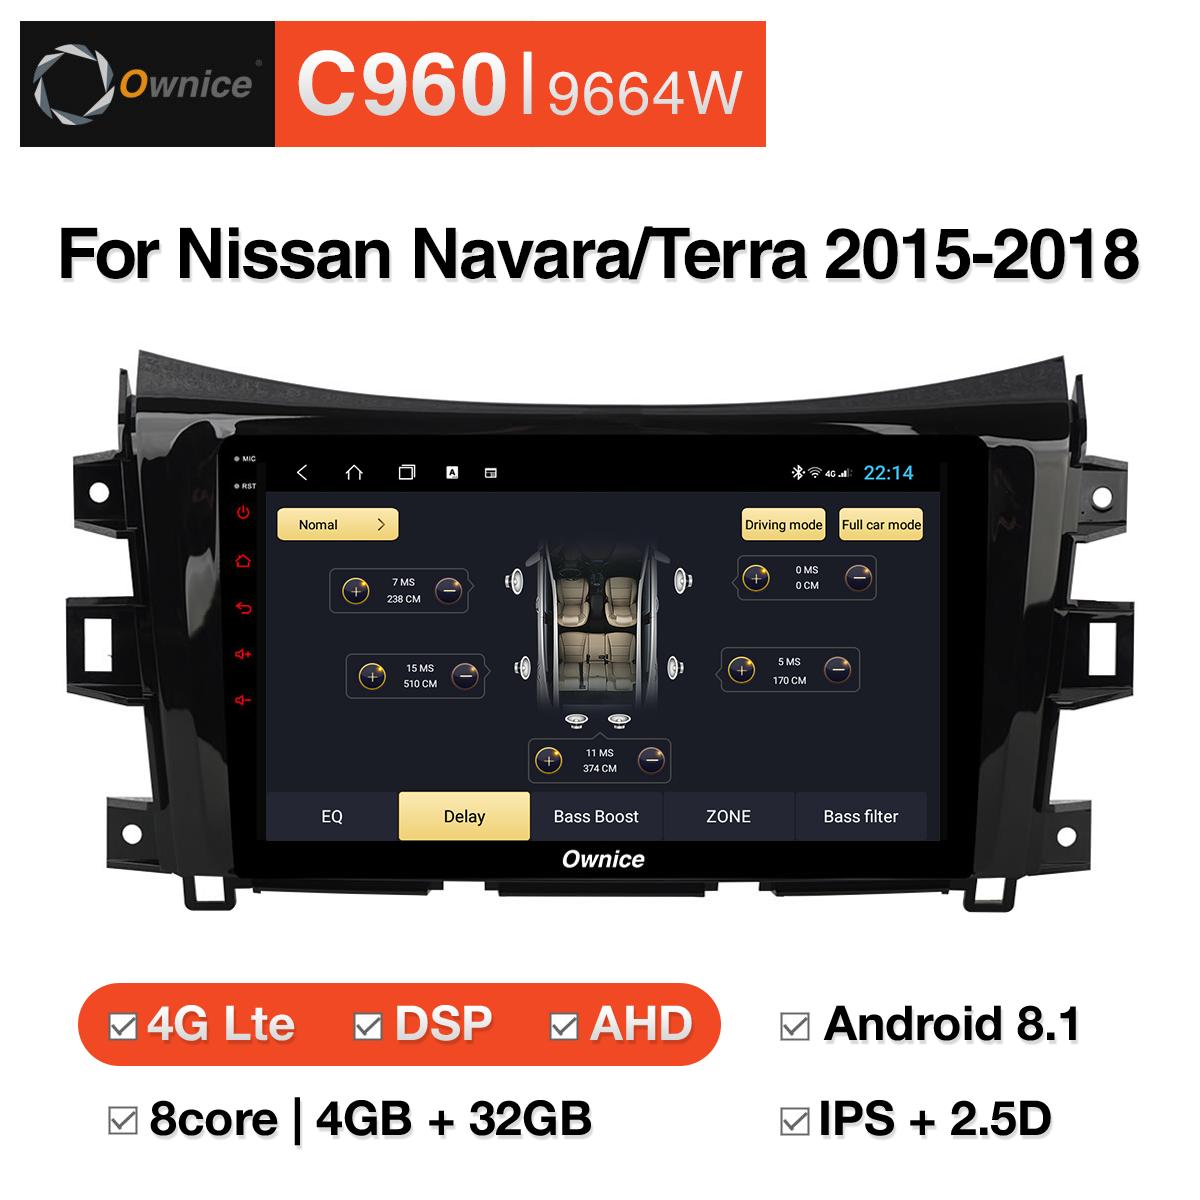 Đầu DVD android Ownice C960 cho xe ô tô Nissan Navara/Terra 2015-2018